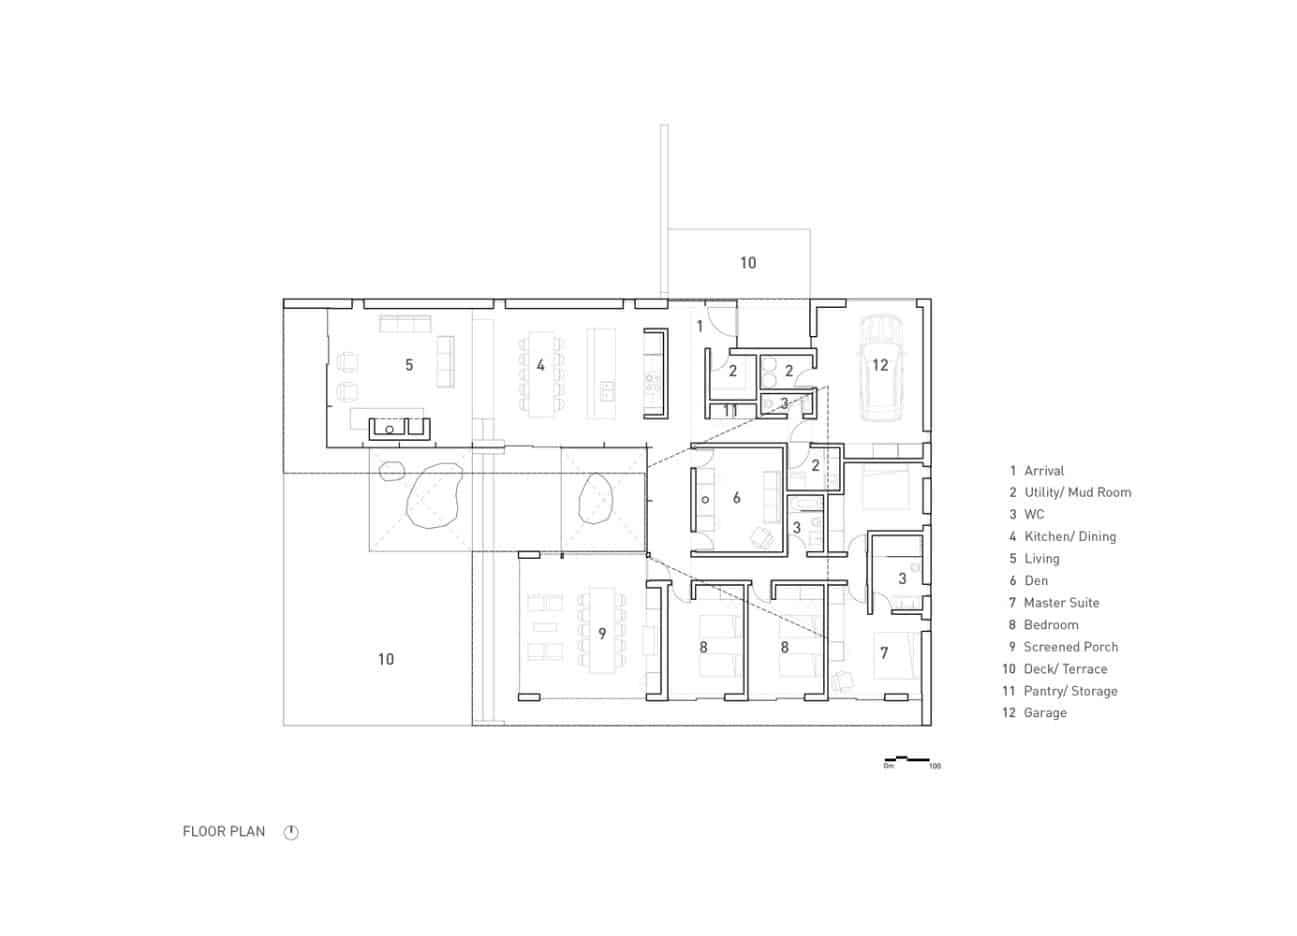 Bản vẽ mặt cắt phẳng thể hiện sơ đồ ngôi nhà cùng các phòng, khu vực sinh hoạt chung. Tất cả đều được sắp xếp rất khoa học, hợp lý.